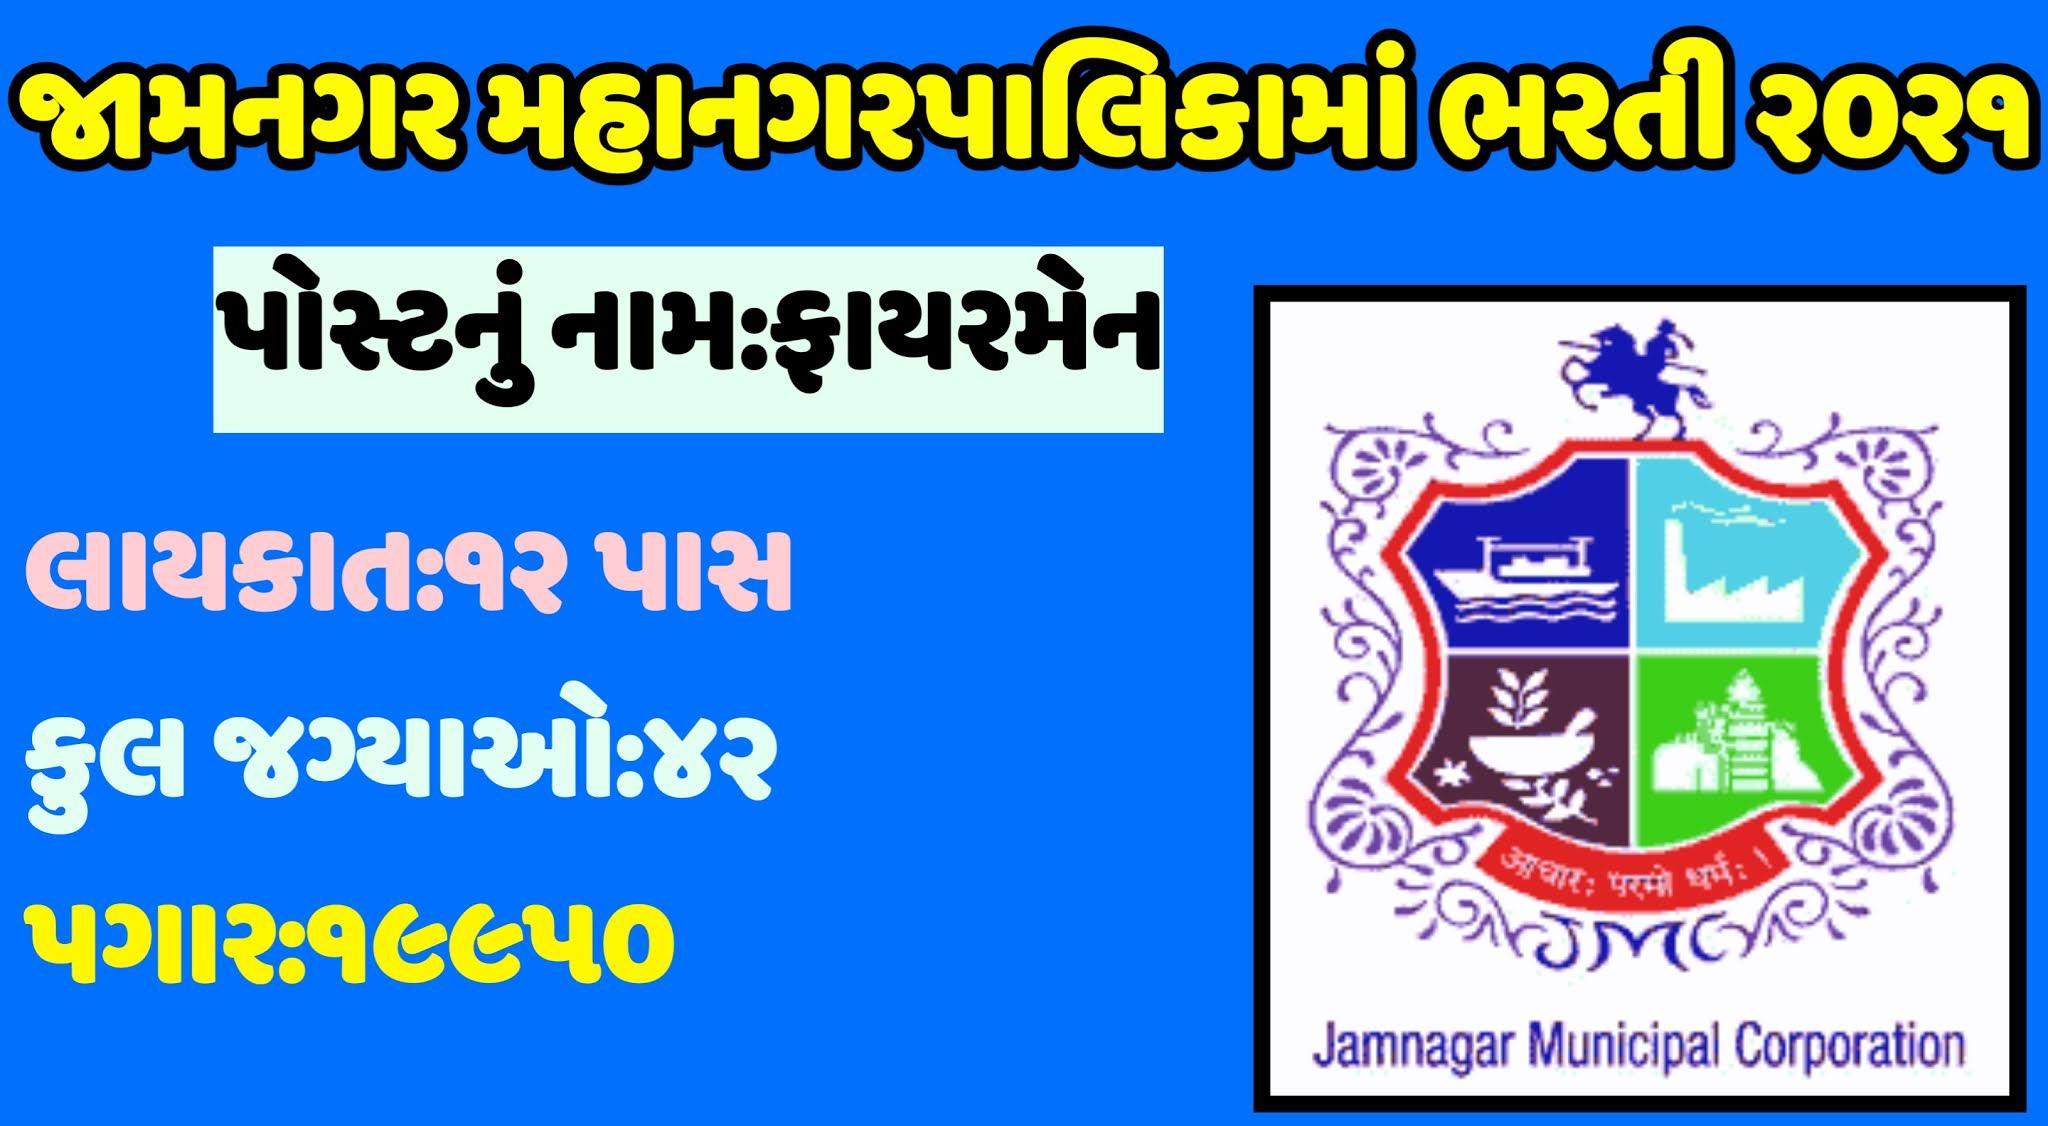 Jmc recruitment 2021, Jamnagar municipal corporation recruitment 2021, jmc jamnagar recruitment 2021,jmc recruitment jamnagar, jmc vacancy 2021